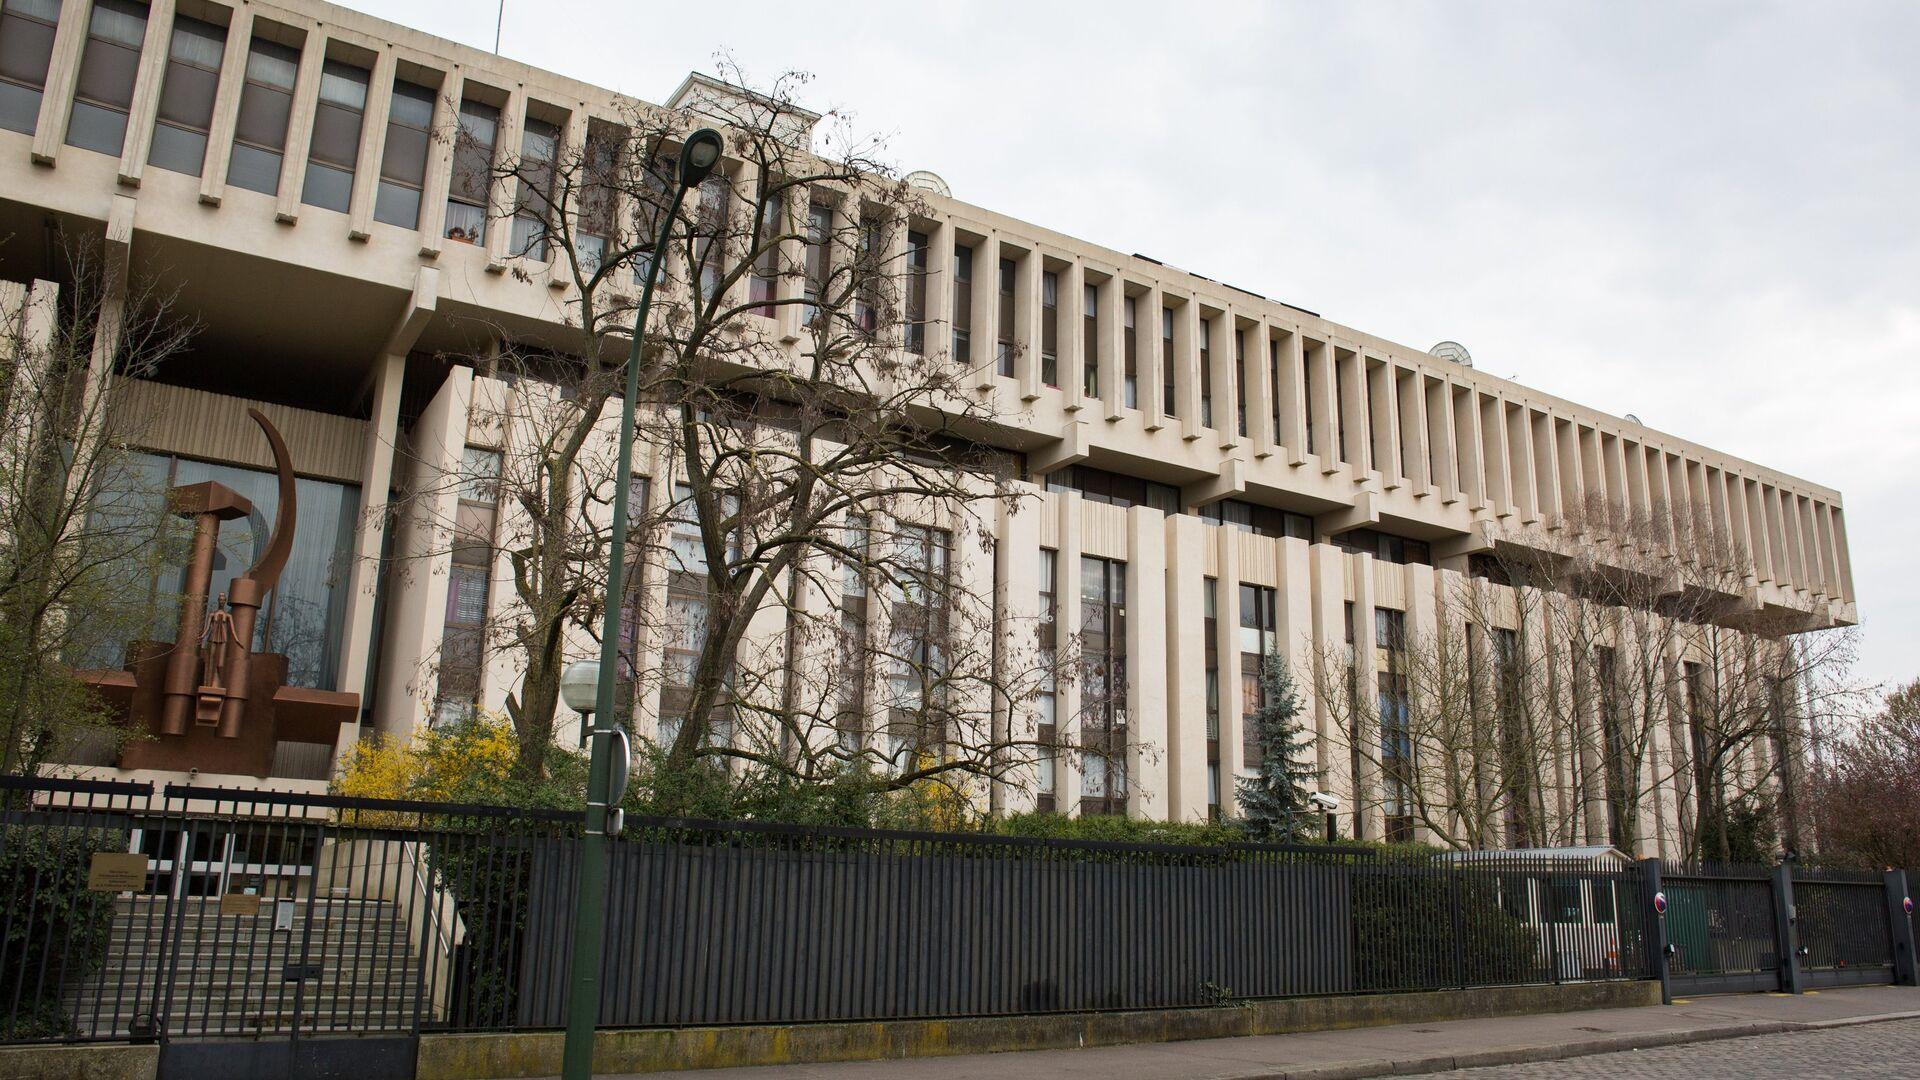 Здание посольства Российской Федерации на бульваре Ланн в Париже - РИА Новости, 1920, 15.09.2021